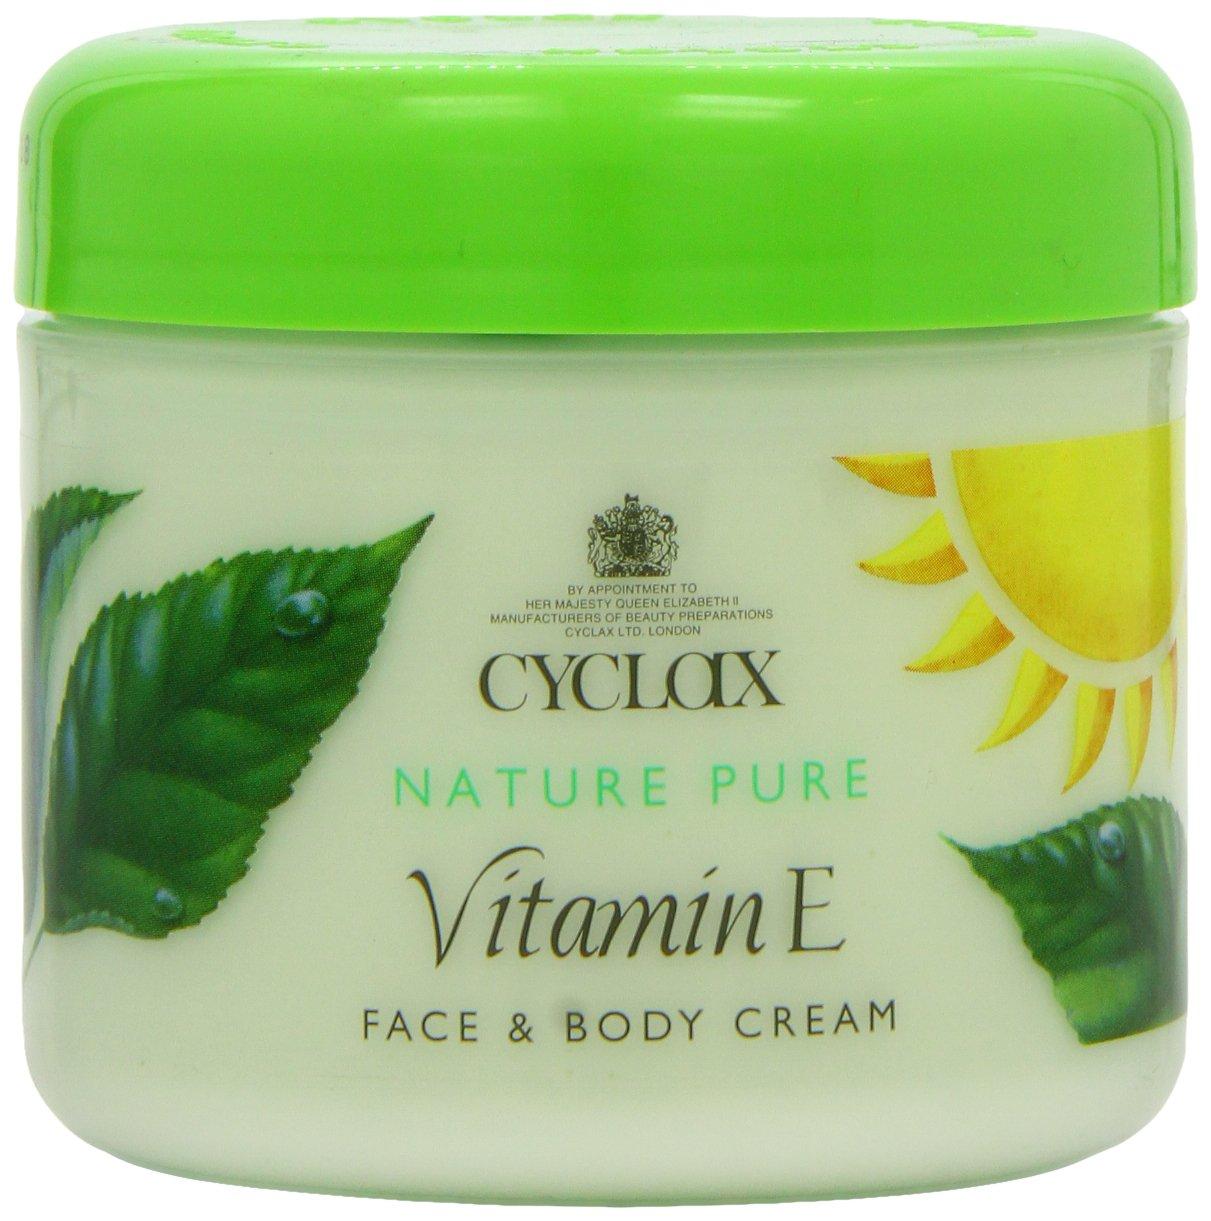 Cyclax, Nature Pure Vitamin E Face and Body Cream 000790, 300 ml